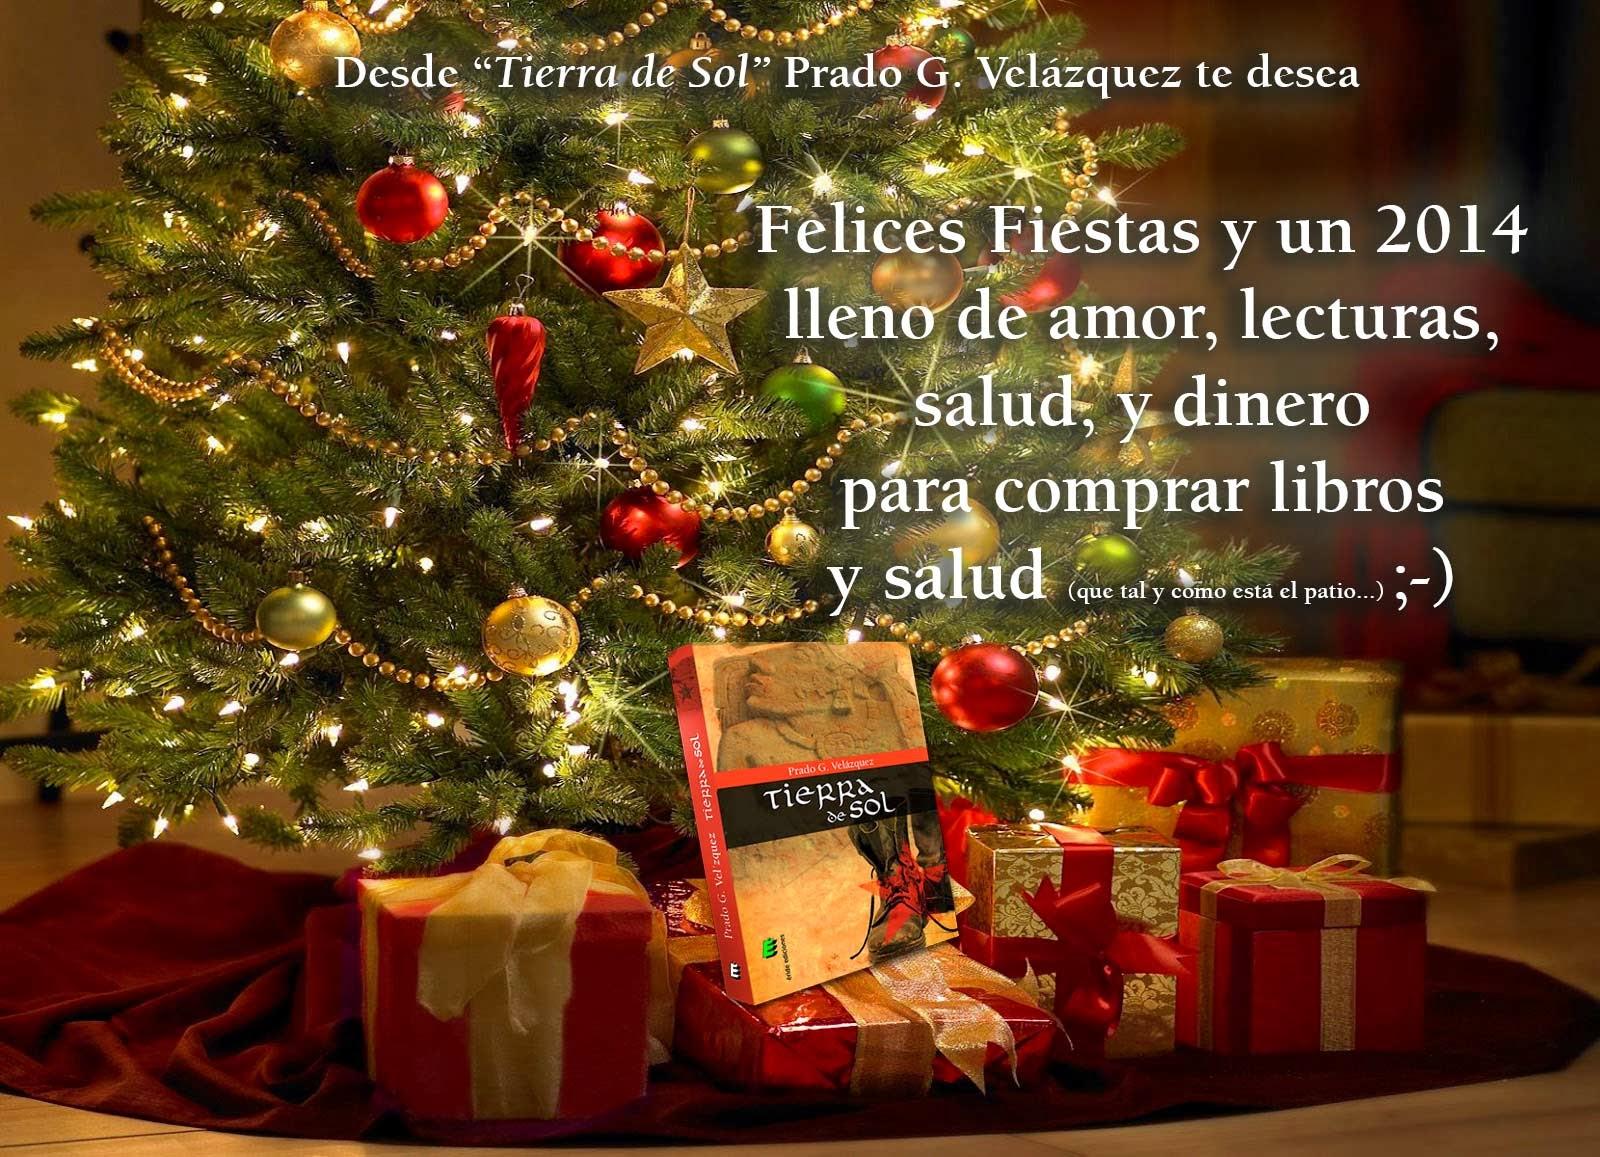 """Prado G. Velázquez te desea Felices Fiestas 2013/2014 desde """"Tierra De Sol"""""""